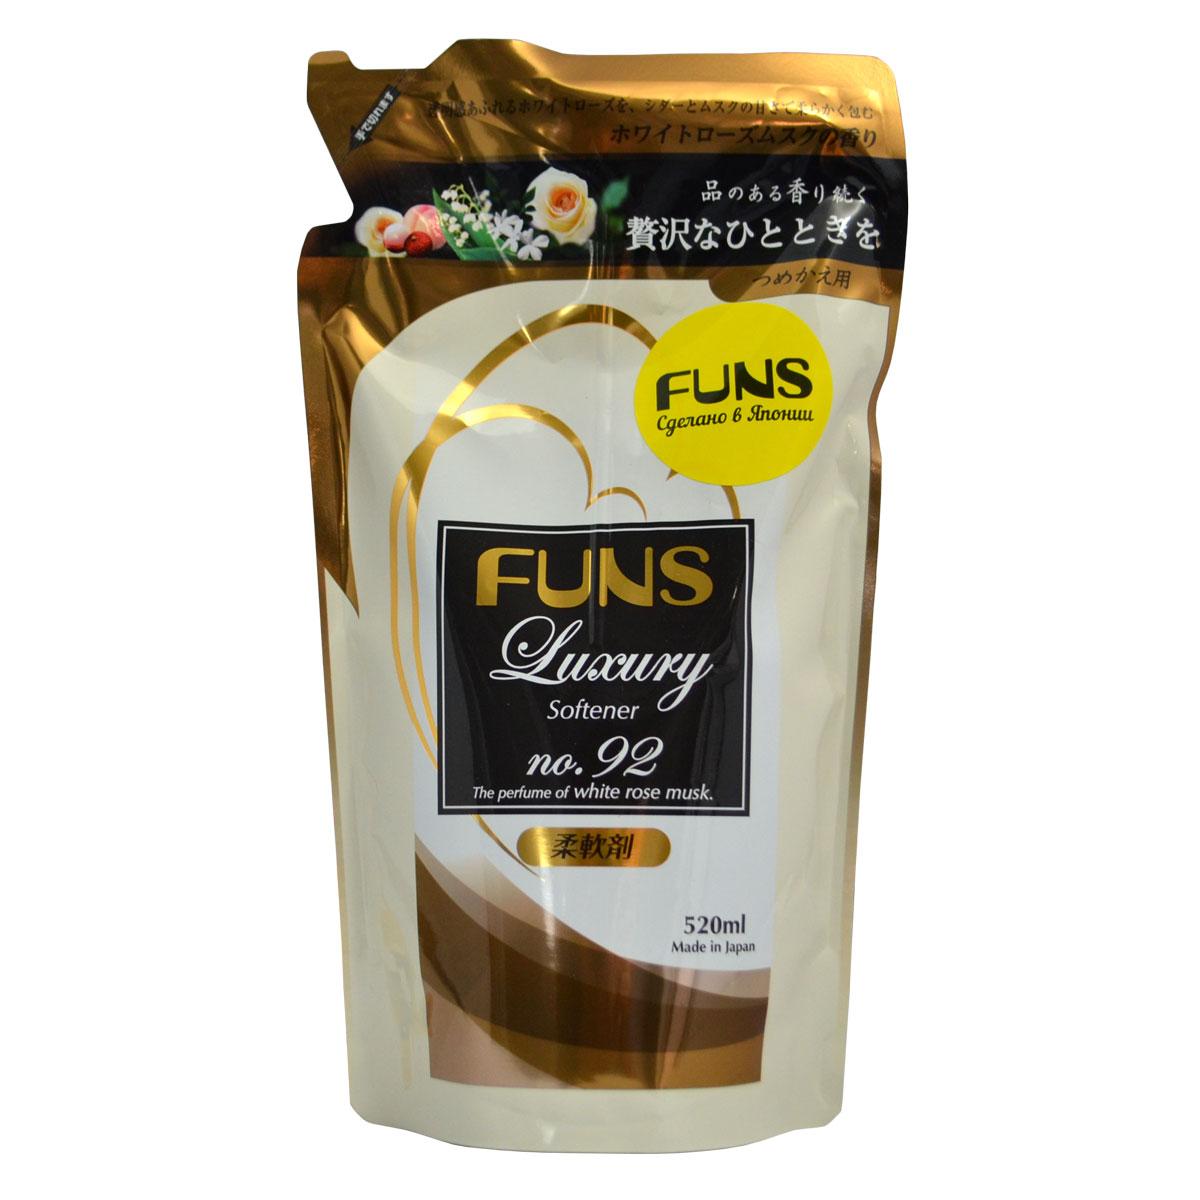 Кондиционер парфюмированный для белья Funs, с ароматом белой мускусной розы, 520 млCLP446Сильноконцентрированный кондиционер для белья Funs придаст вашим вещам мягкость и сделает их приятными наощупь.Подходит для хлопчатобумажных, шерстяных, льняных и синтетических тканей, а также любых деликатных тканей (шелка и шерсти).Кондиционер предотвращает появление статического электричества, а также облегчает глажку белья.Обладает приятным ароматом, который сохраняется на долгое время, даже после сушки белья.Благодаря противомикробному и дезодорирующему действию кондиционер устраняет бактерии, способствующие появлению неприятного запаха.Кондиционер безопасен при контакте с кожей человека, не сушит и не раздражает кожу рук во время стирки.Подходит как для ручной, так и машинной стирки.Норма использования:Вес белья Объем воды Объем кондиционера6.0 кг 65 л 40 мл4.5 кг 60 л 30 мл3.0 кг 45 л 20 мл1.5 кг 30 л 10 млРучная стиркавес белья 0.5 кг 3.3 млСпособ применения: применяйте кондиционер только после стирки белья при полоскании чистой водой. На 1 кг одежды используйте 7 мл средства. При ручной стирке рекомендуется полоскать в течение 3 минут.